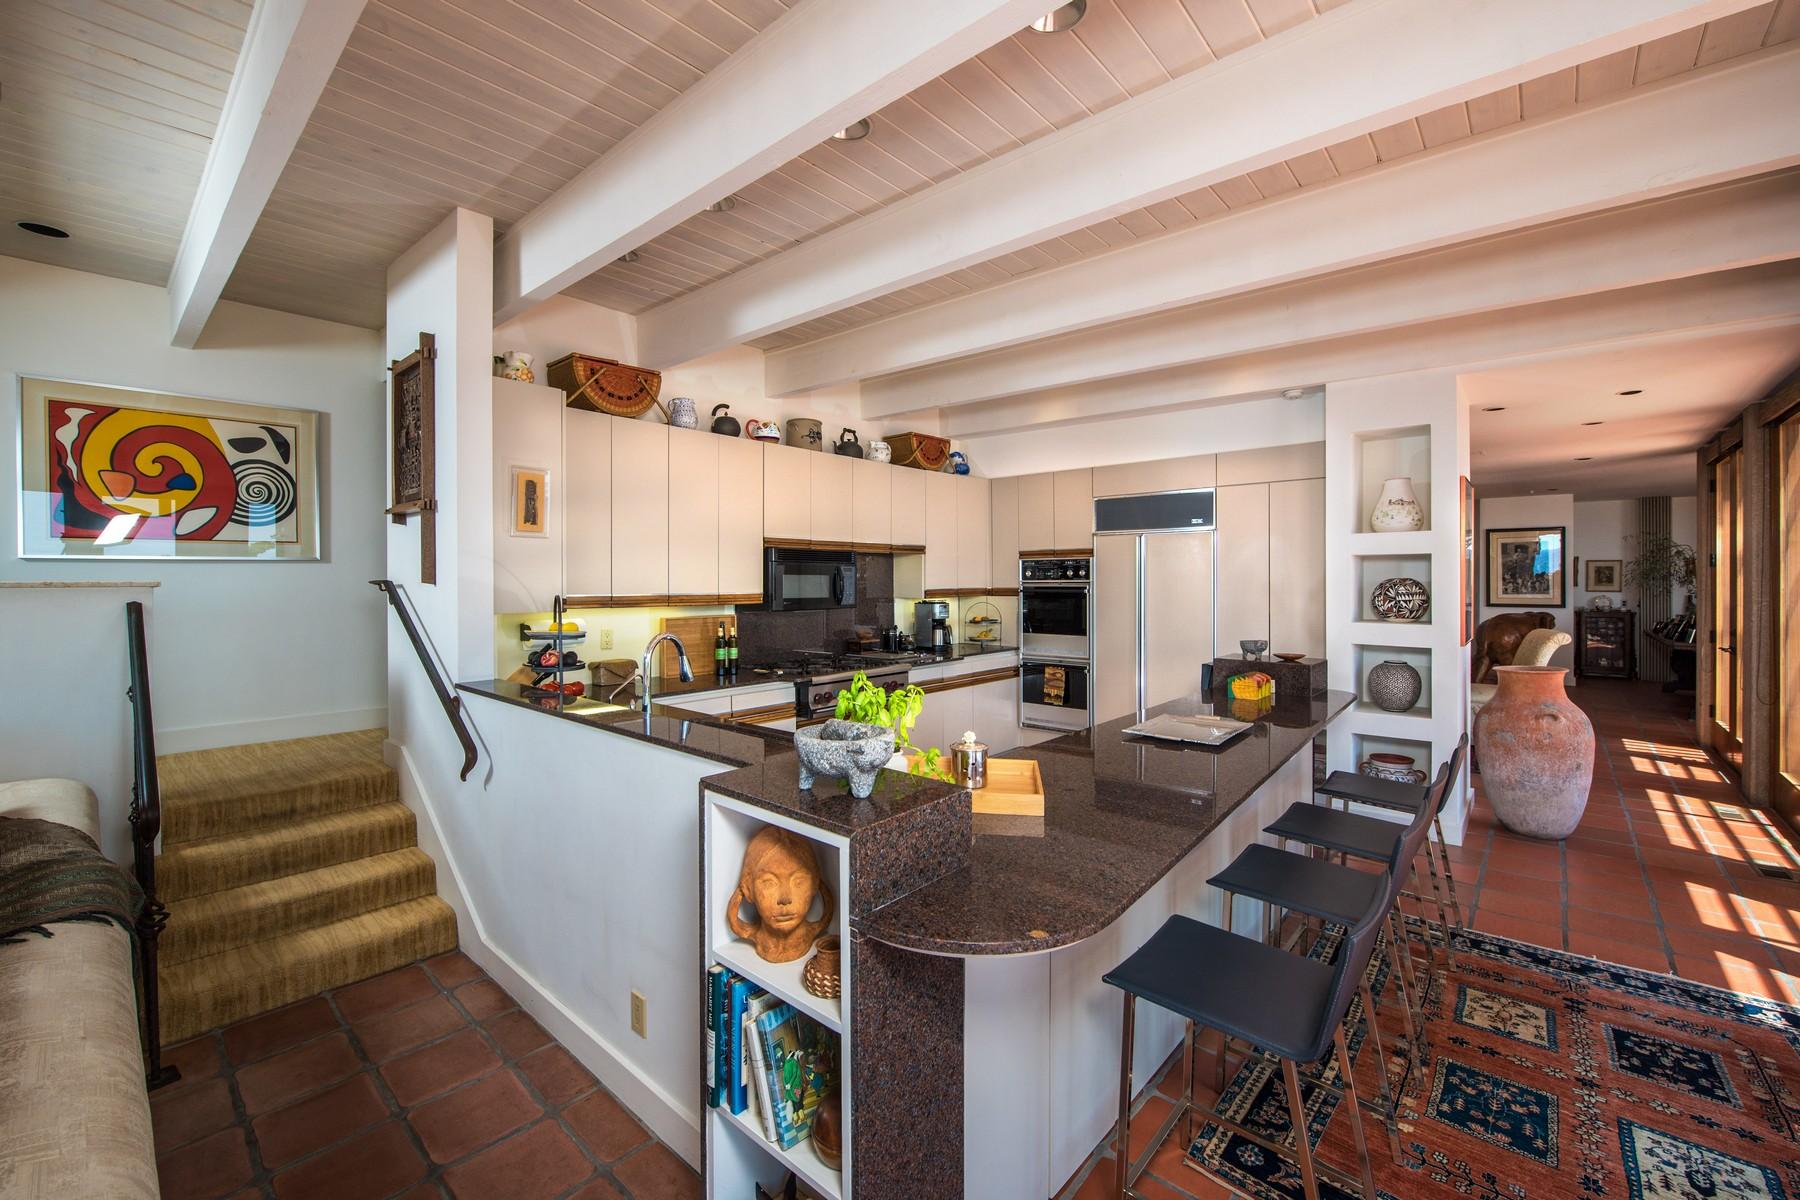 Additional photo for property listing at 310 Forward Street  拉荷亚, 加利福尼亚州 92037 美国